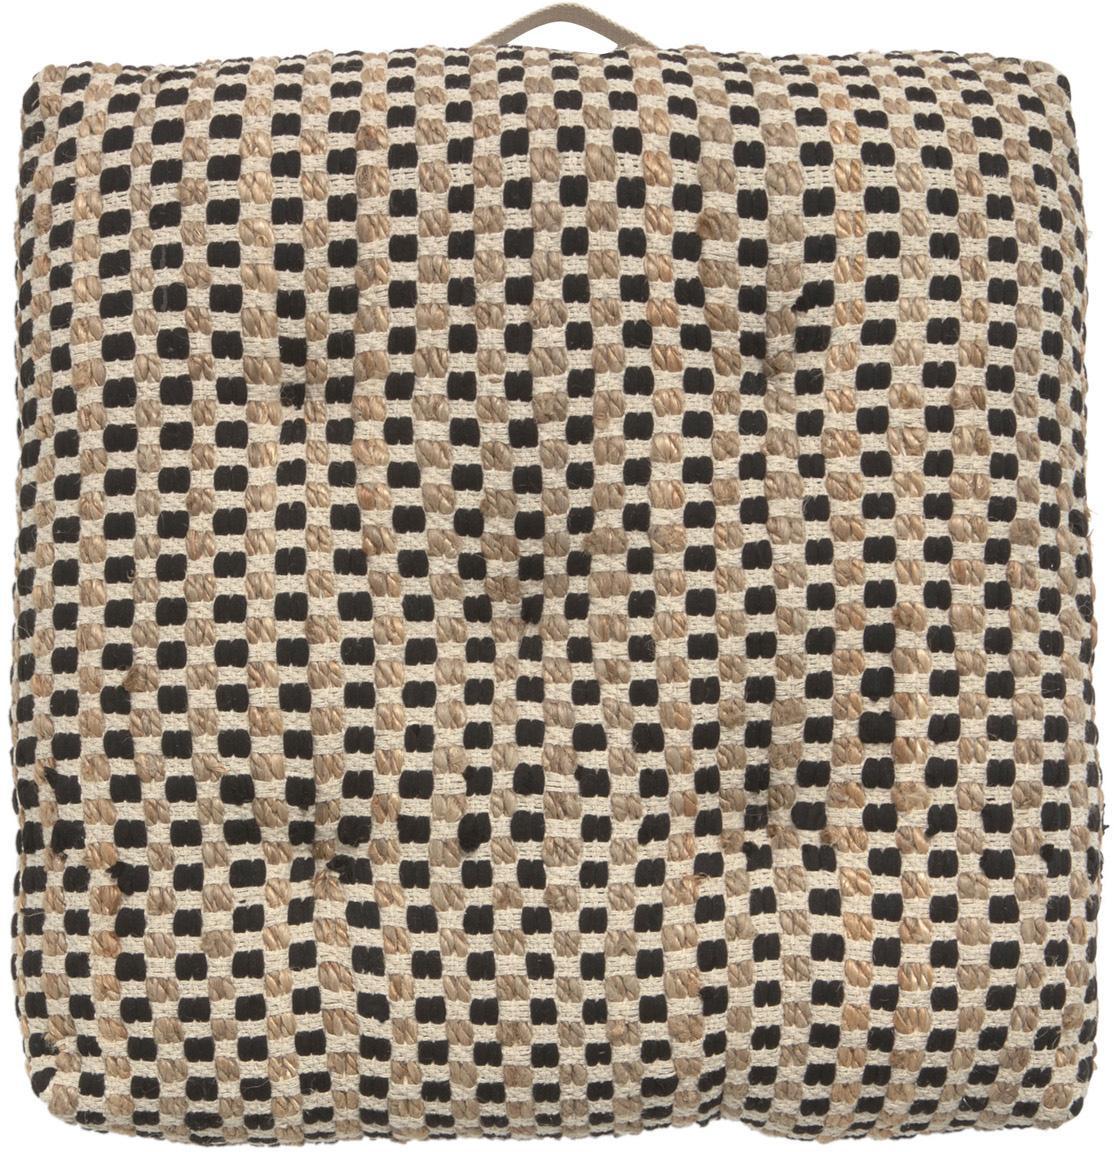 Bodenkissen Fiesta aus Baumwolle/Jute, Vorderseite: 55% Chindi Baumwolle, 45%, Rückseite: 100% Baumwolle, Schwarz, Beige, 60 x 60 cm